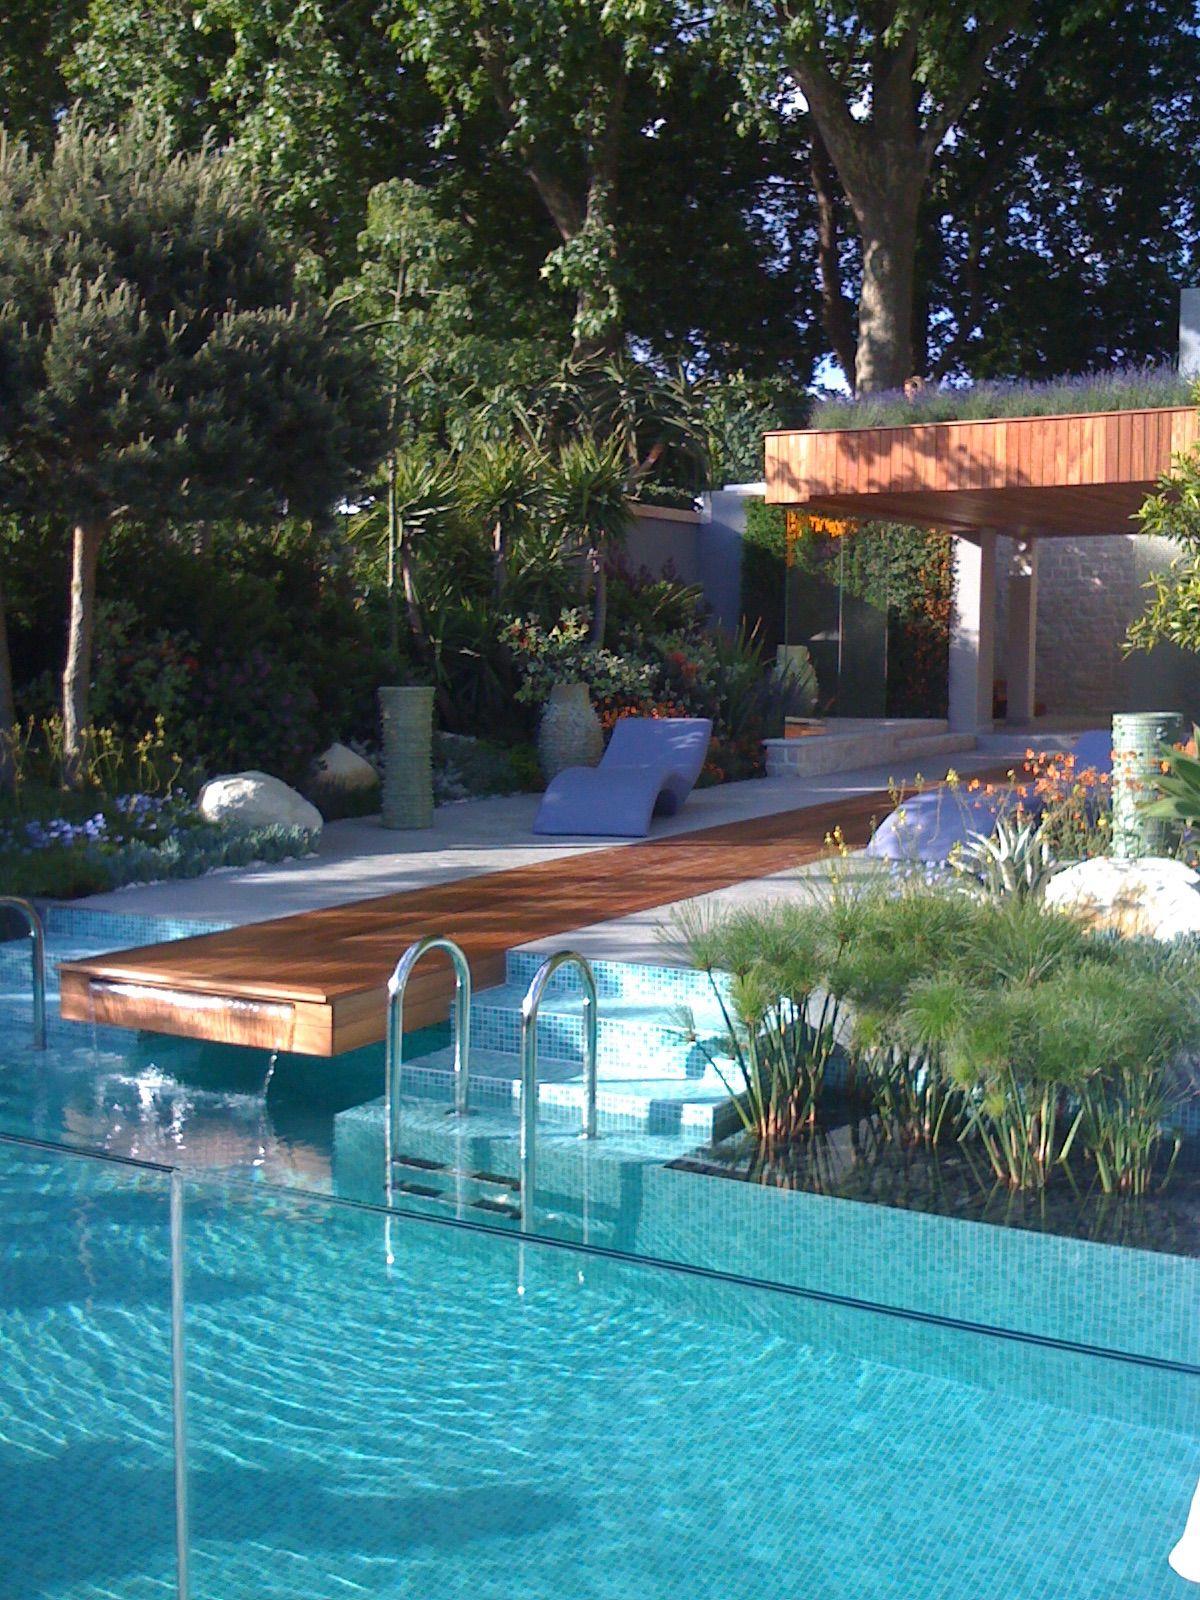 #Swimmingpool#Concept#Ideas#Exteriorfurniture#Waterproof#Design#Interiordesign#Interiors